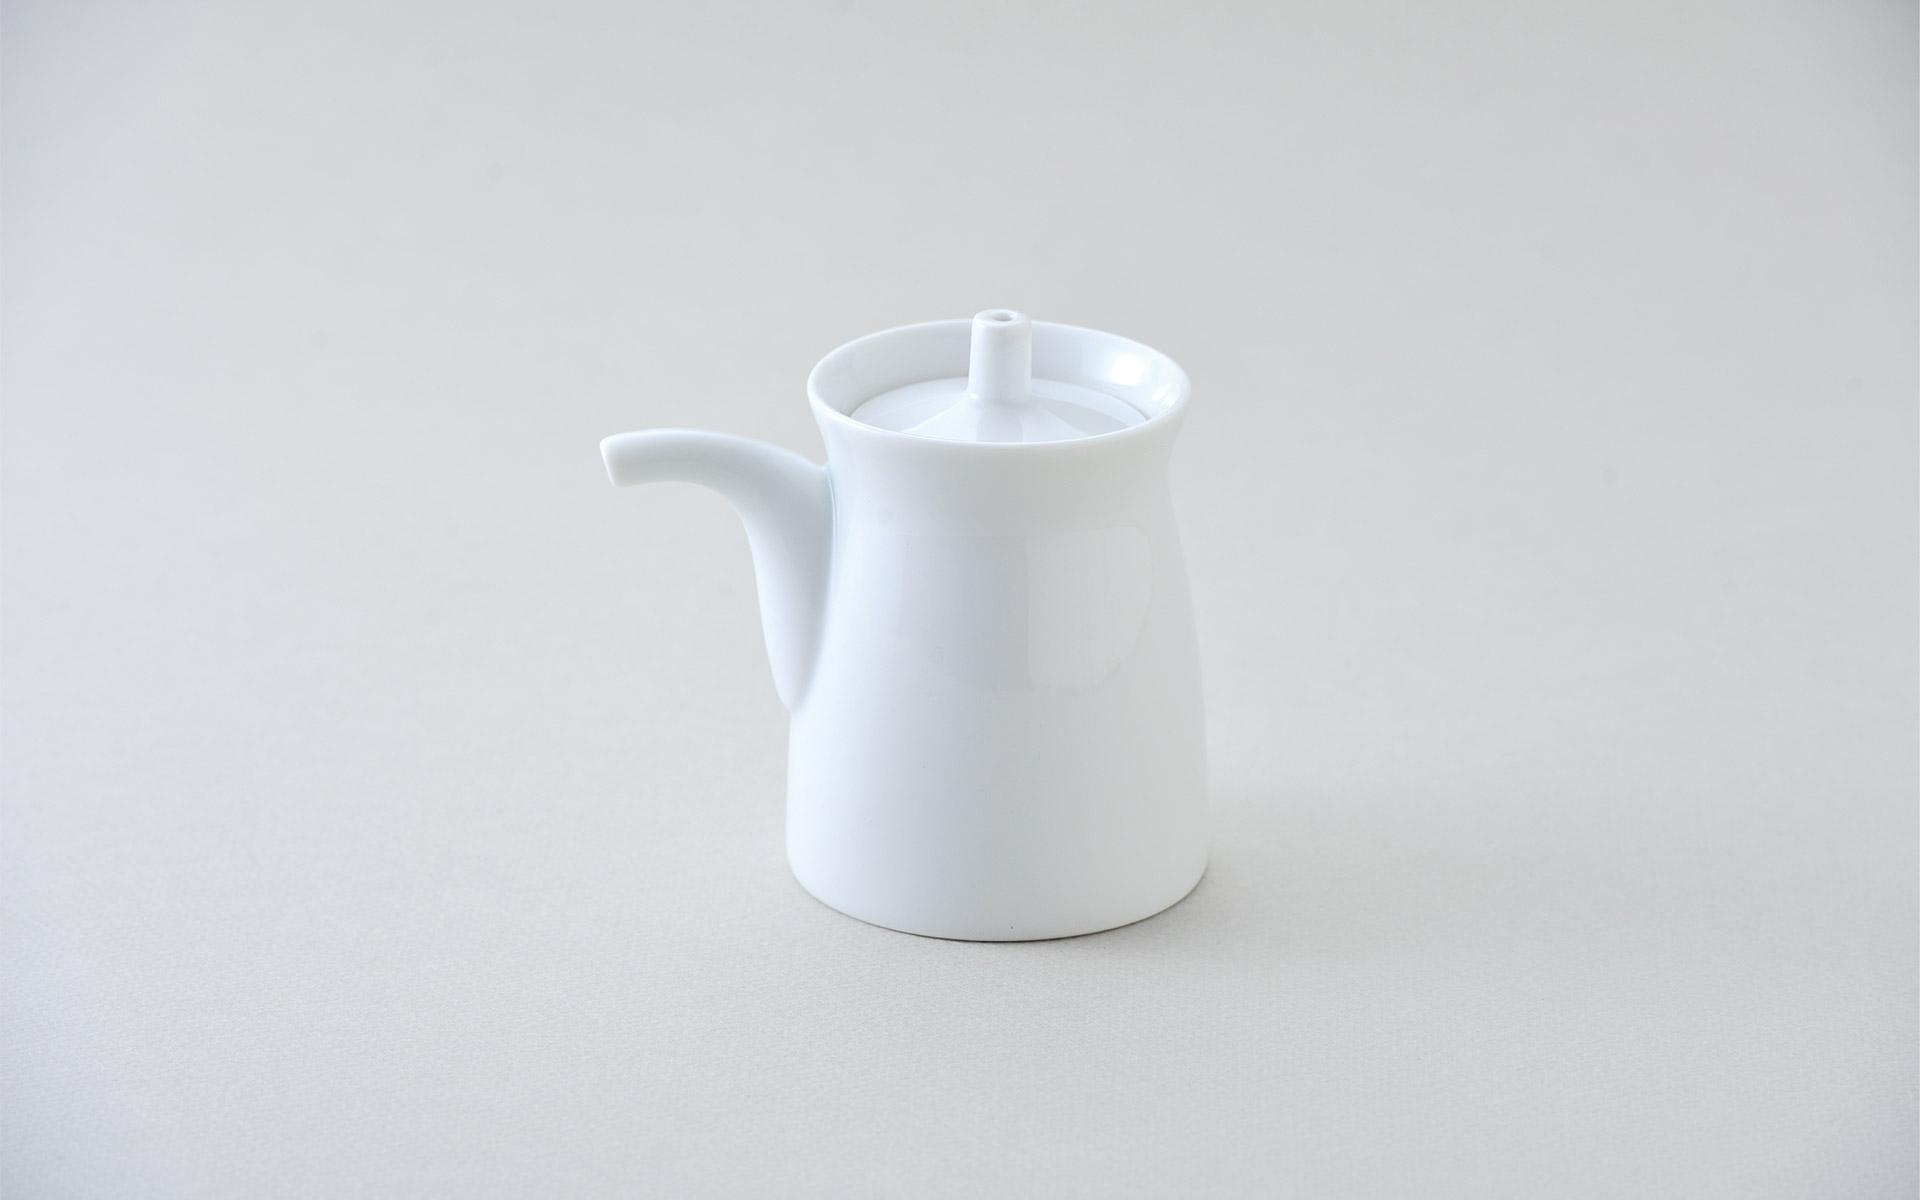 波佐見焼メーカー白山陶器のG型しょうゆさし。1958年から製造を続けるロングセラー商品